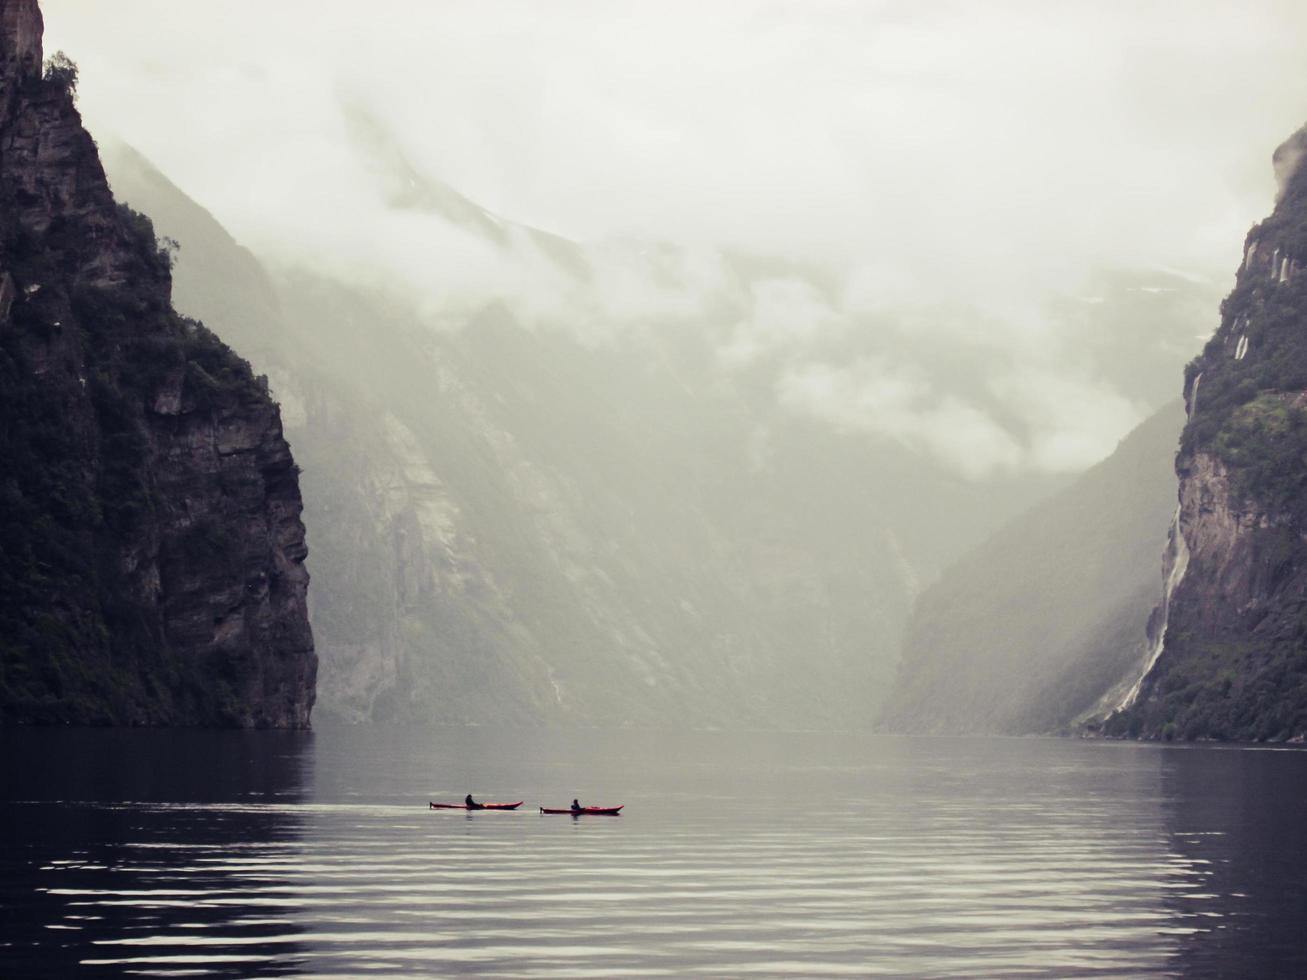 Vue panoramique de deux kayakistes dans le lac en Norvège photo